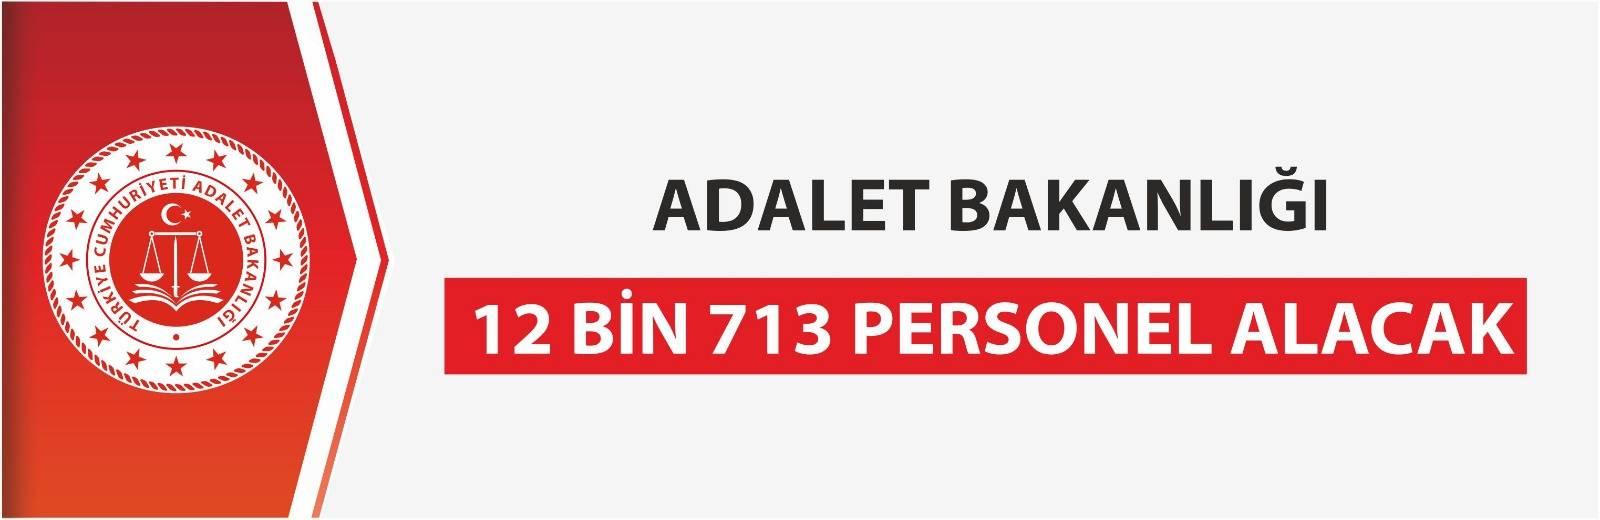 Adalet Bakanlığı 12 bin 713 personel alım ilanı yayınlandı